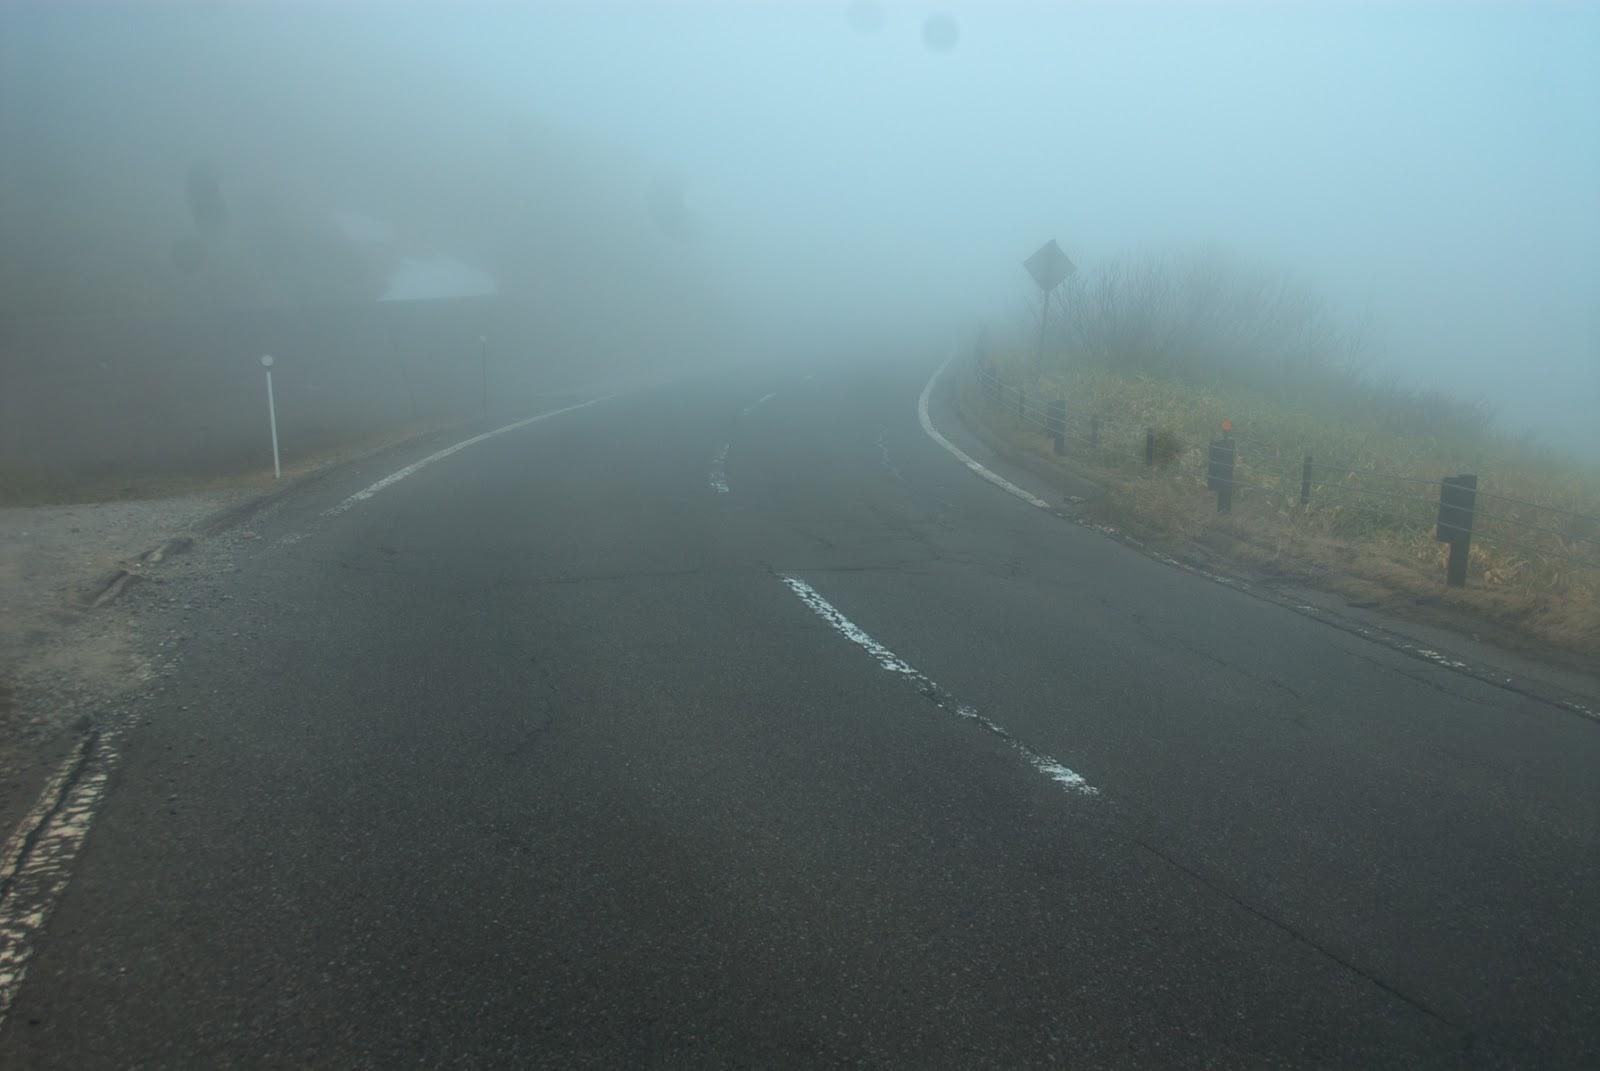 霧が深く視界が悪く何も見えない